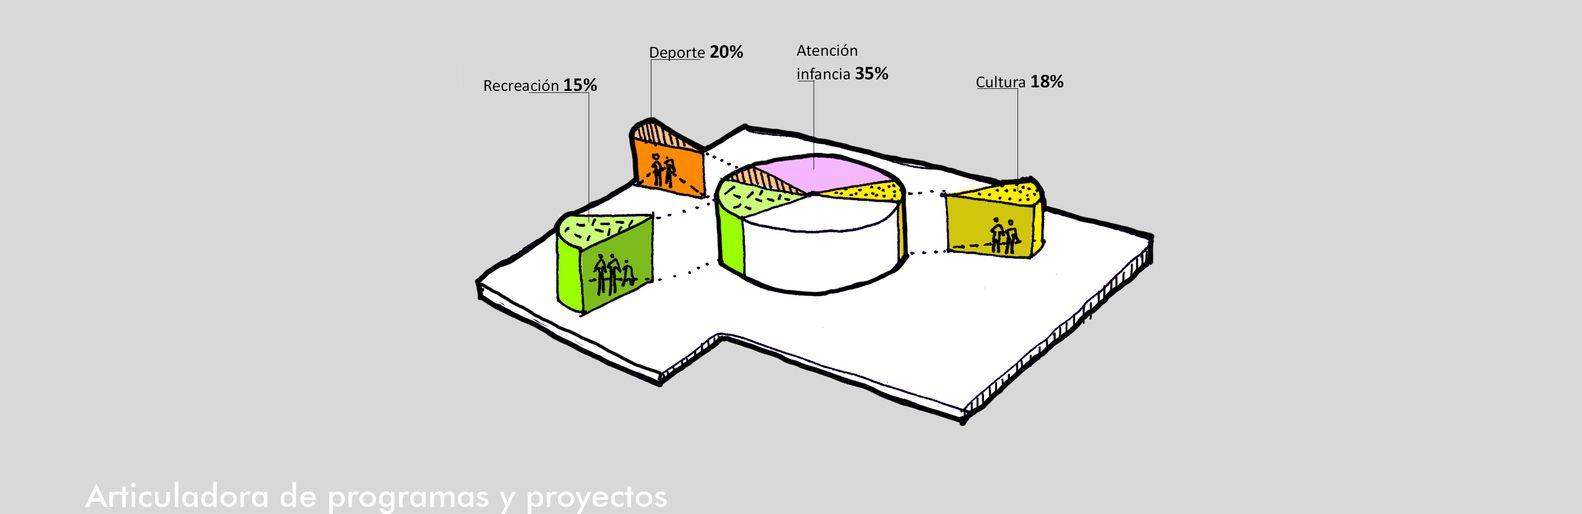 Galería de UVA El Paraíso / EDU - Empresa de Desarrollo Urbano de Medellín - 36